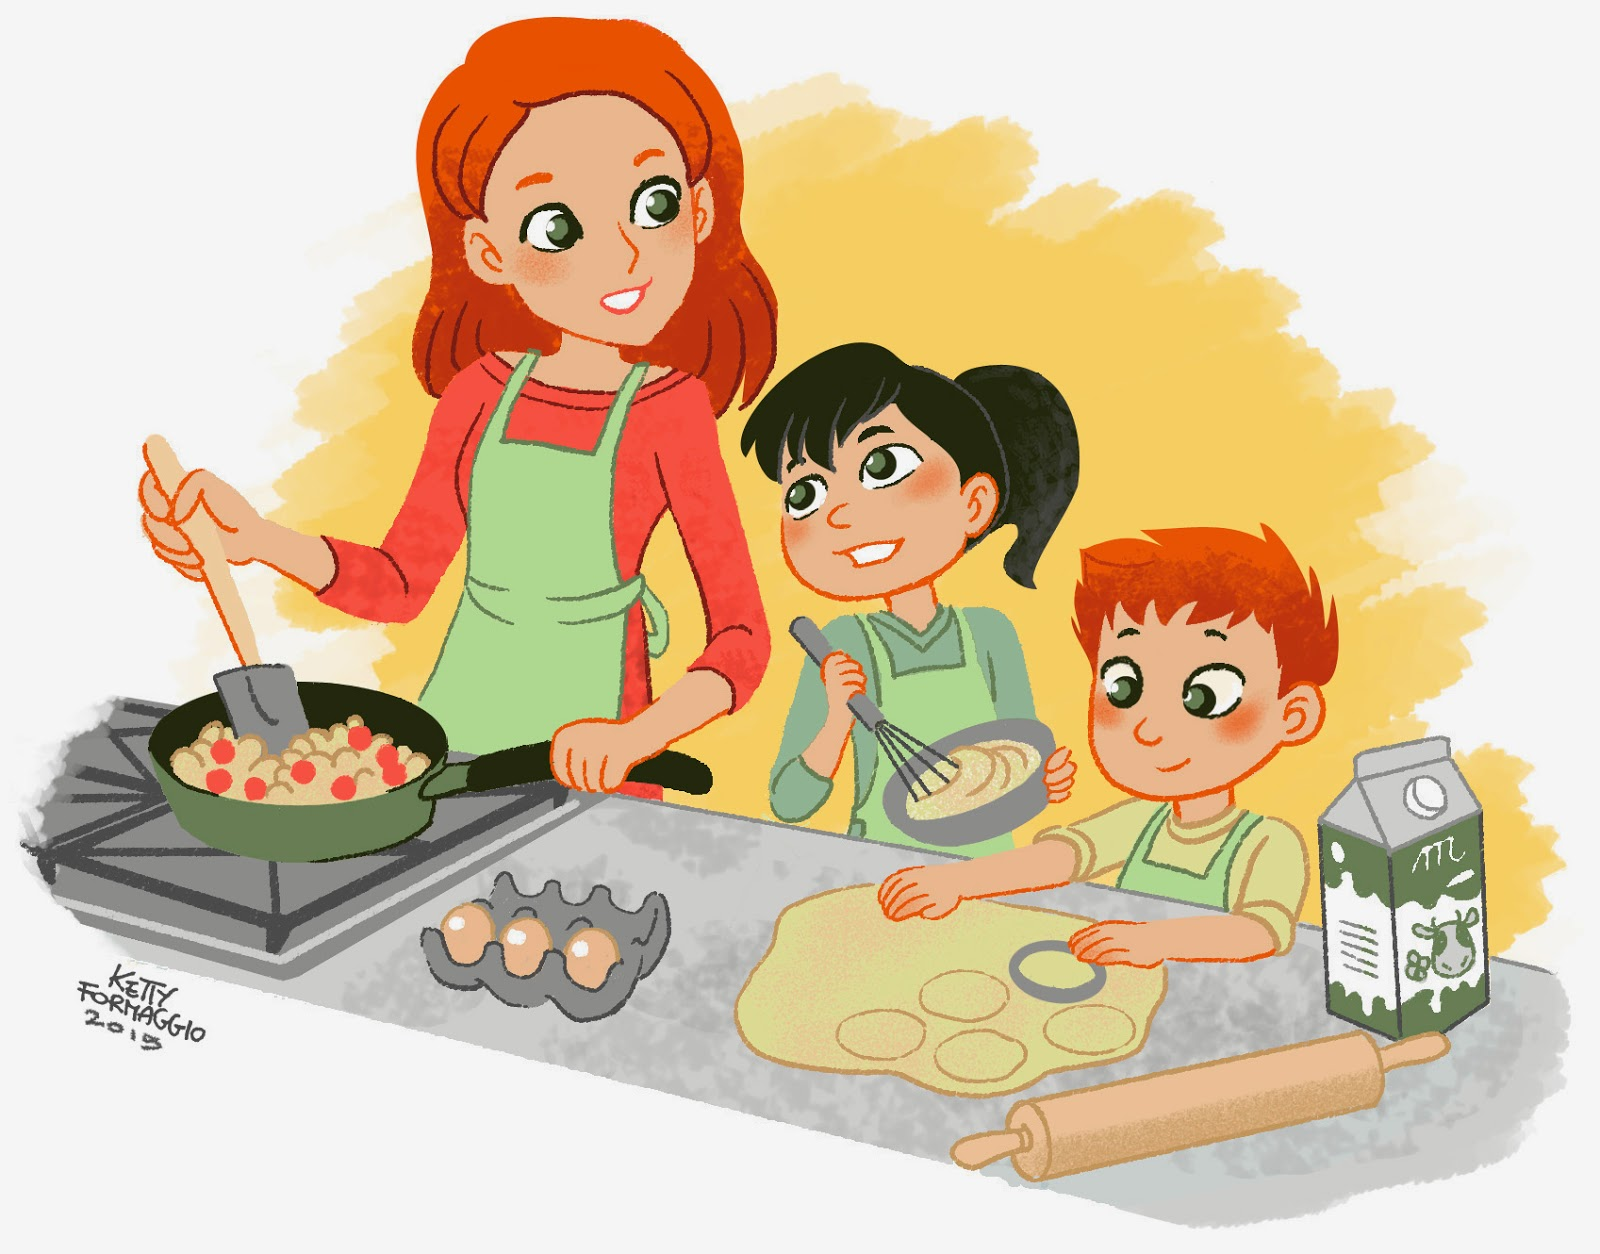 Ketty formaggio mamma e bimbi che giocano e cucinano for Disegno cucina